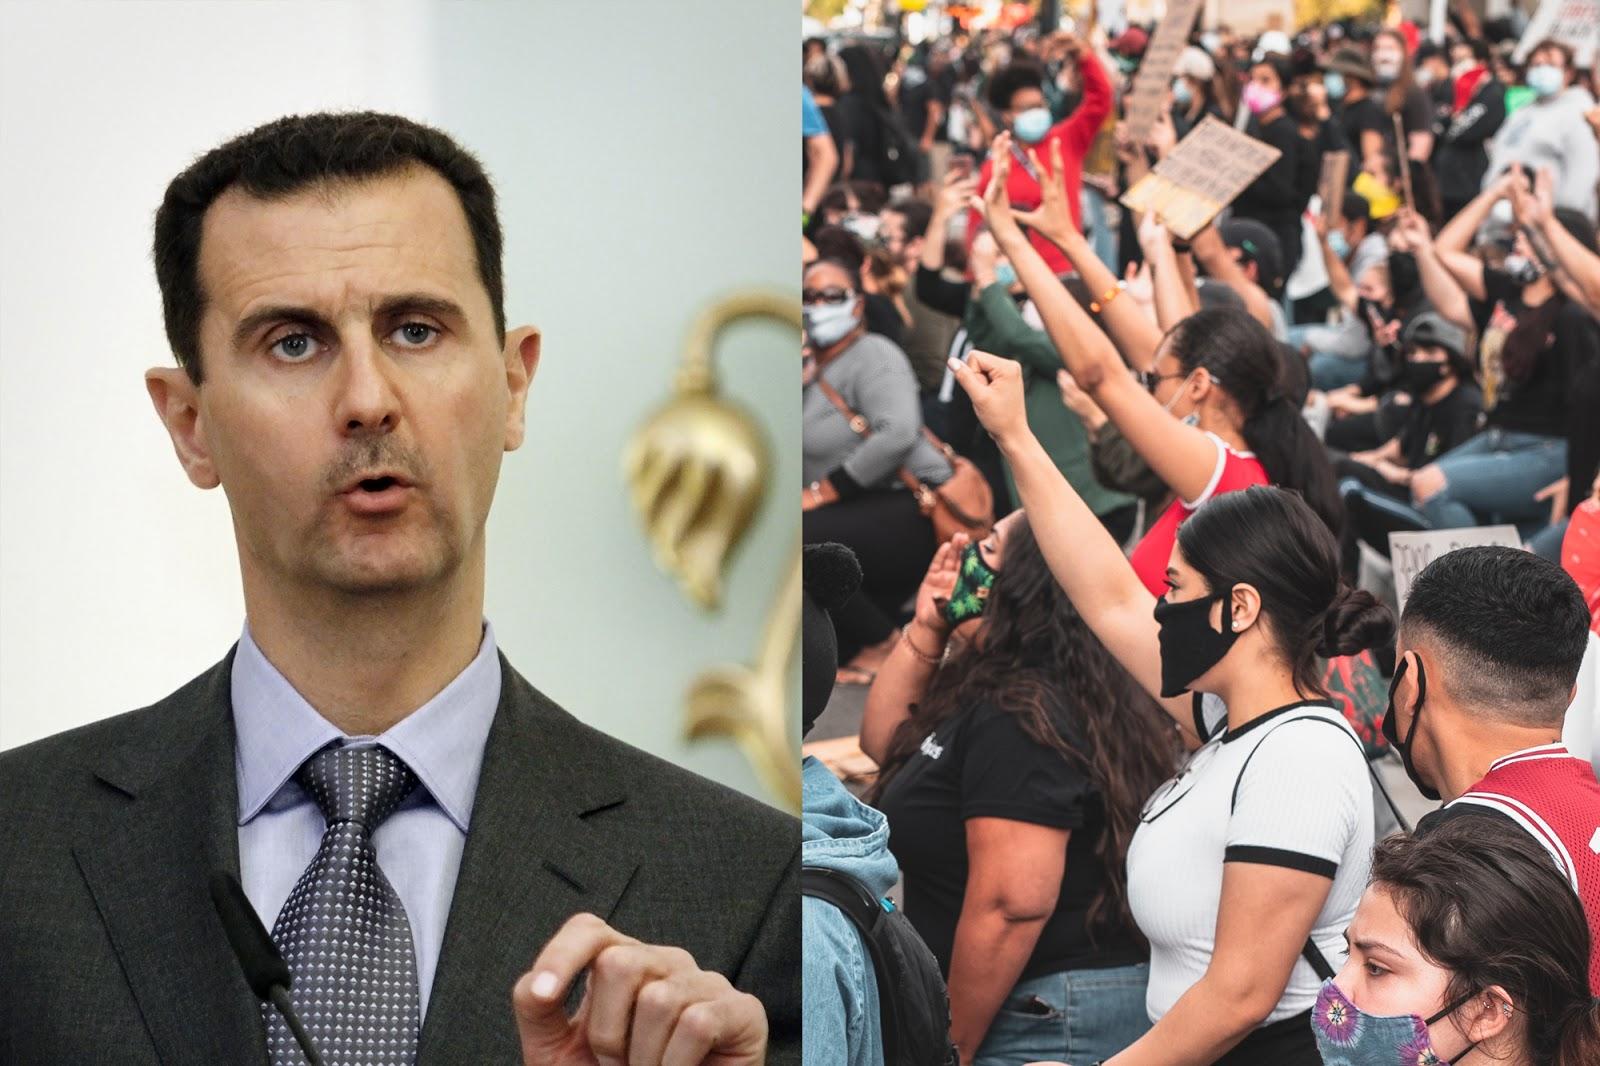 La Syrie annonce un soutien militaire aux rebelles américains «modérés»